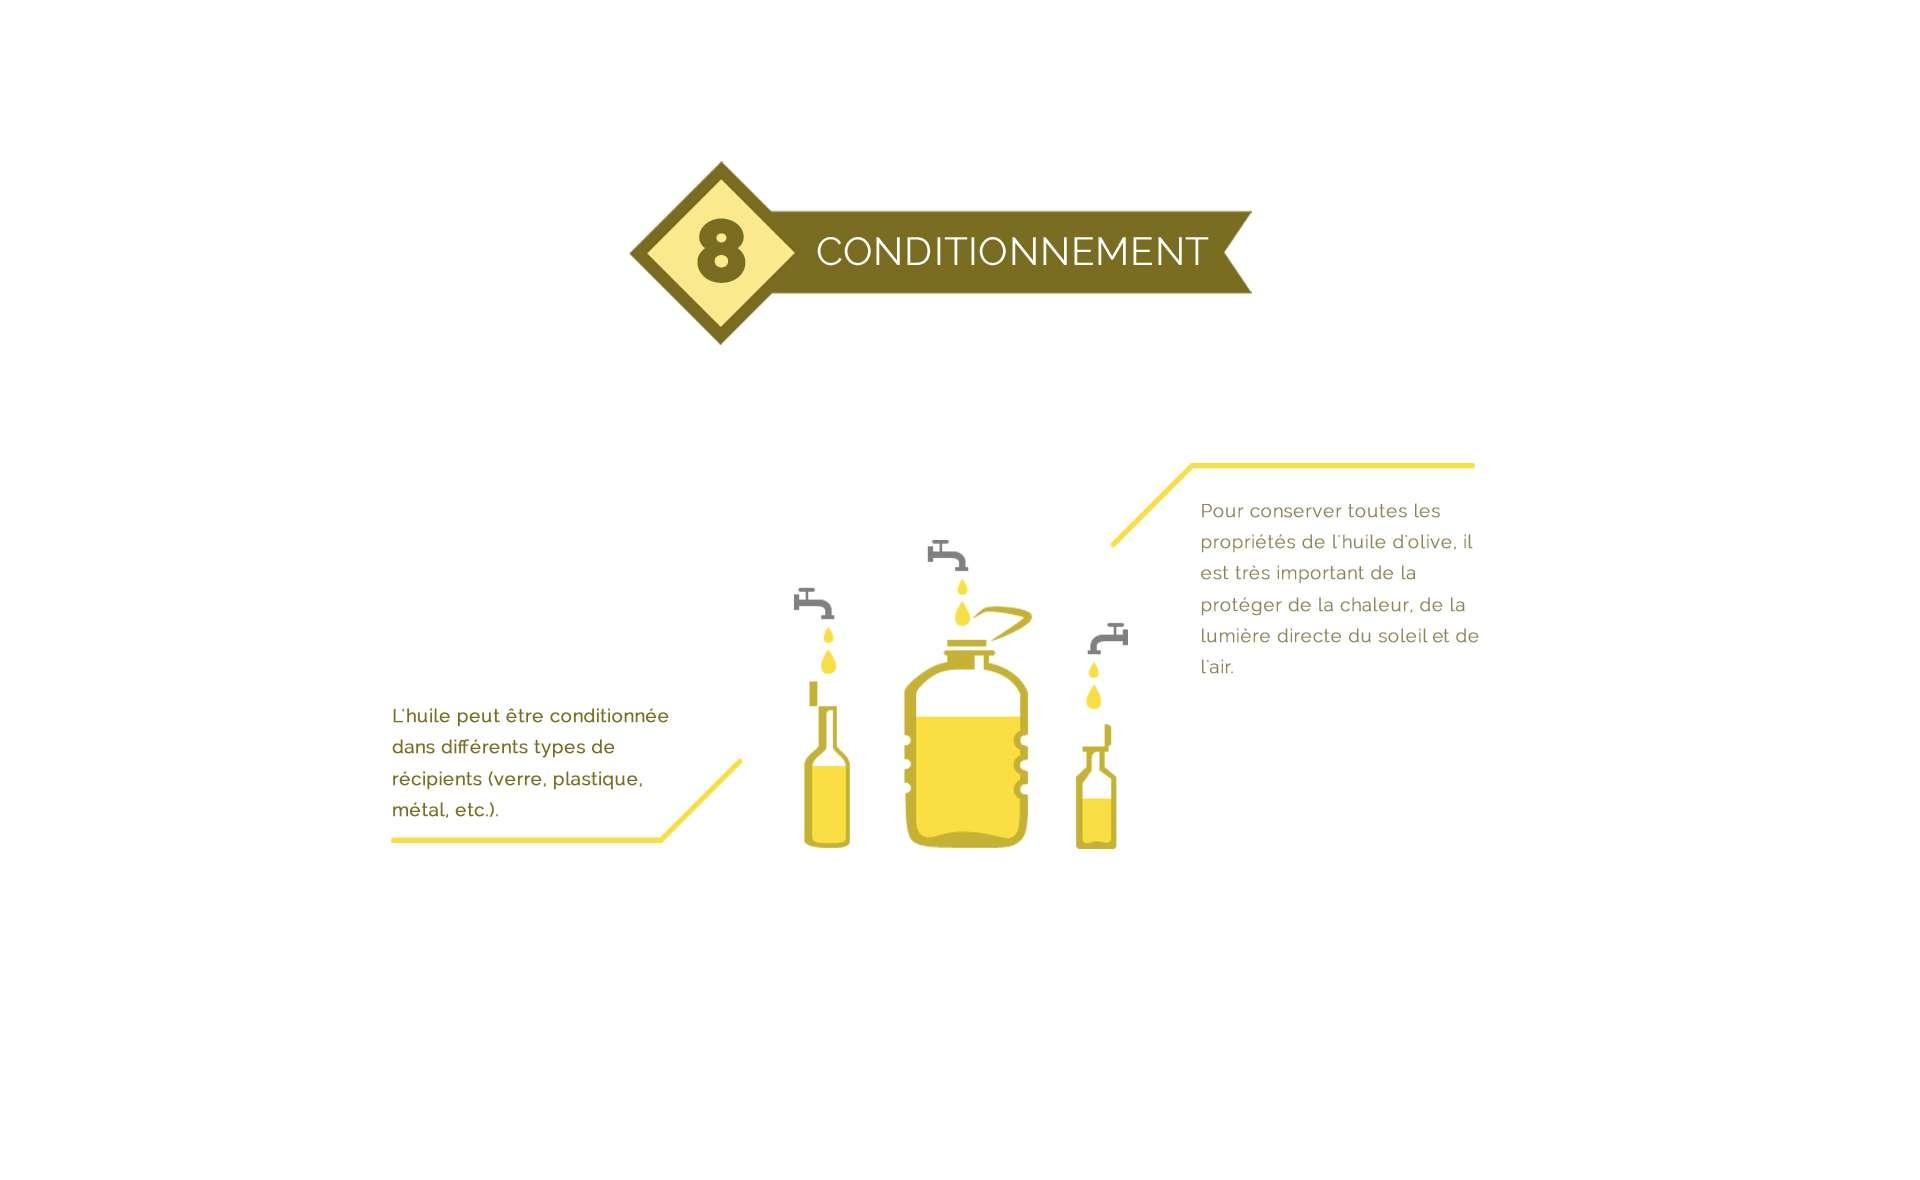 Emballage de l'huile d'olive